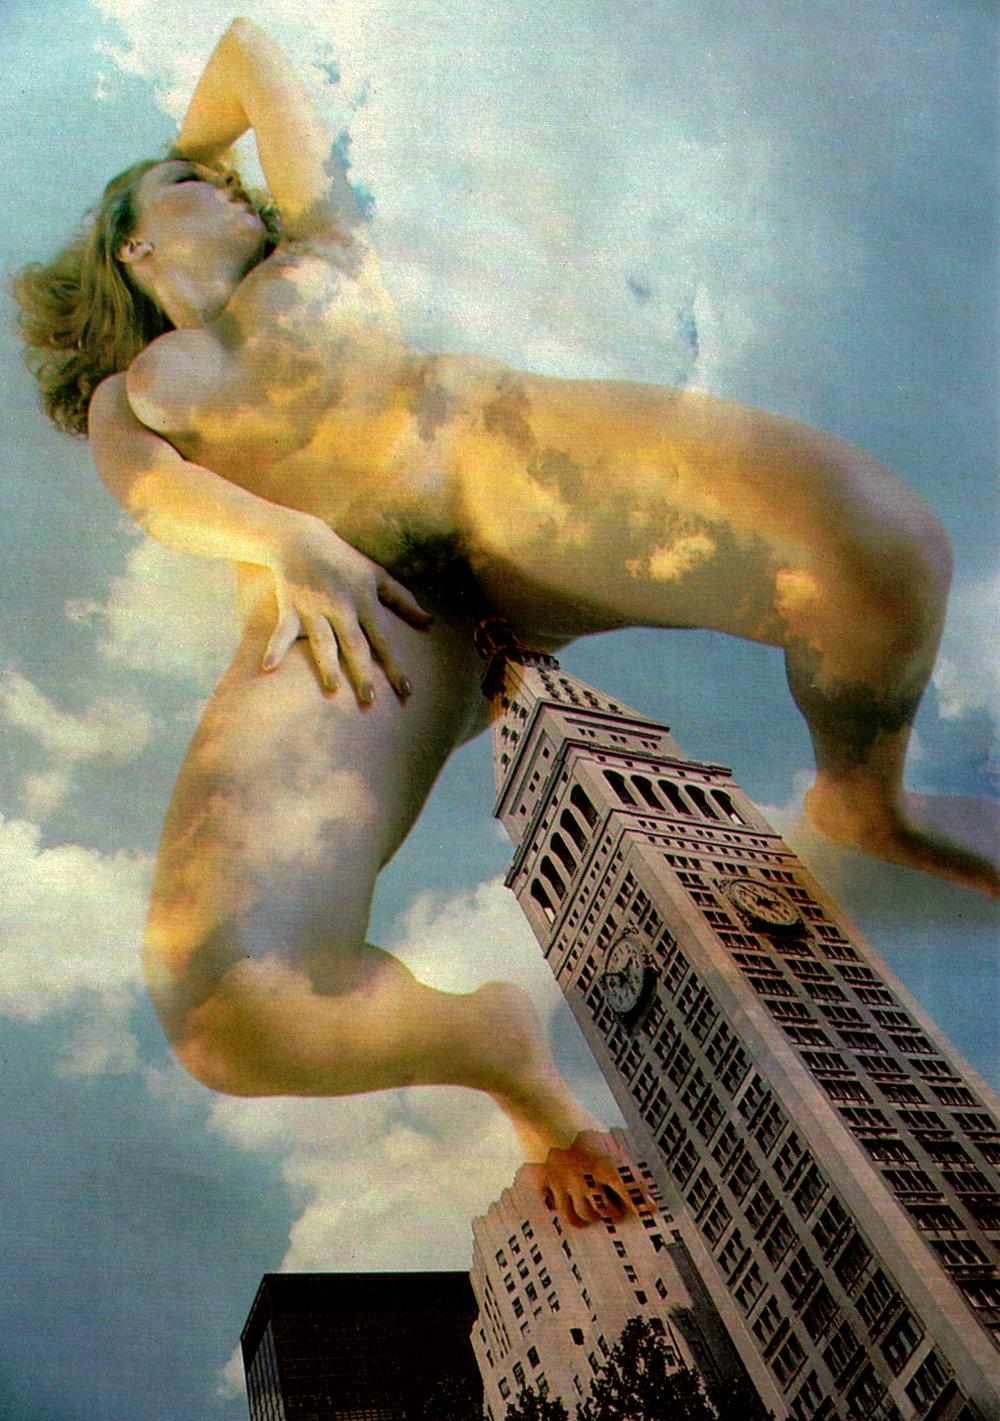 penthouse-magazine-1986